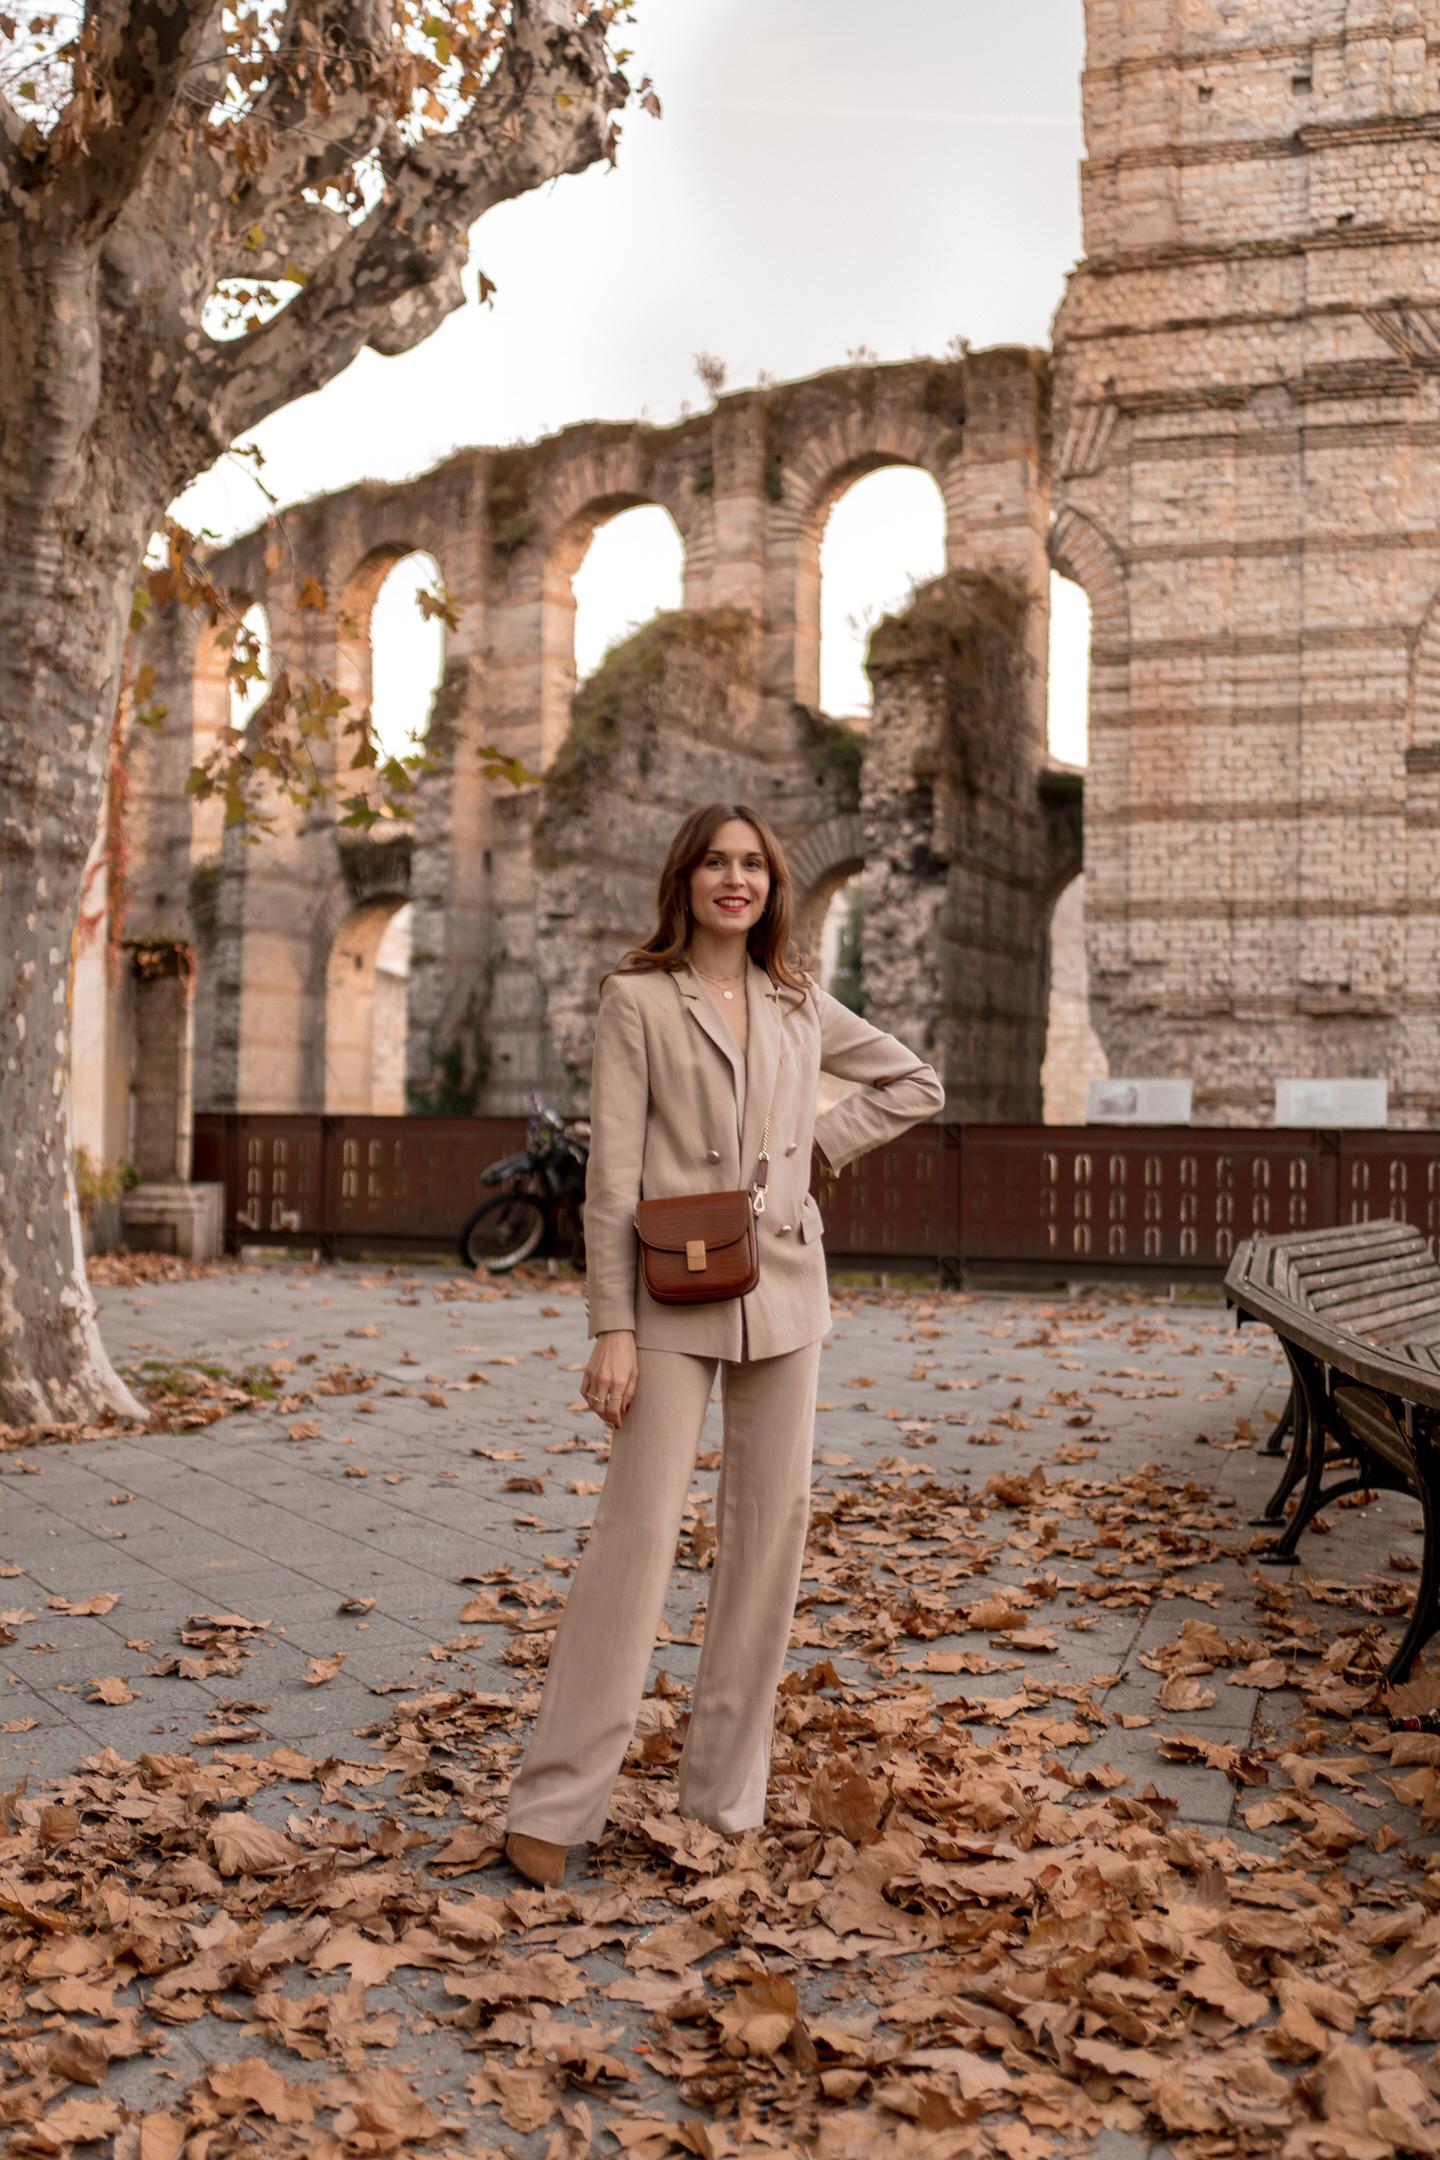 comment-porter-tailleur-pantalon-beige-7b